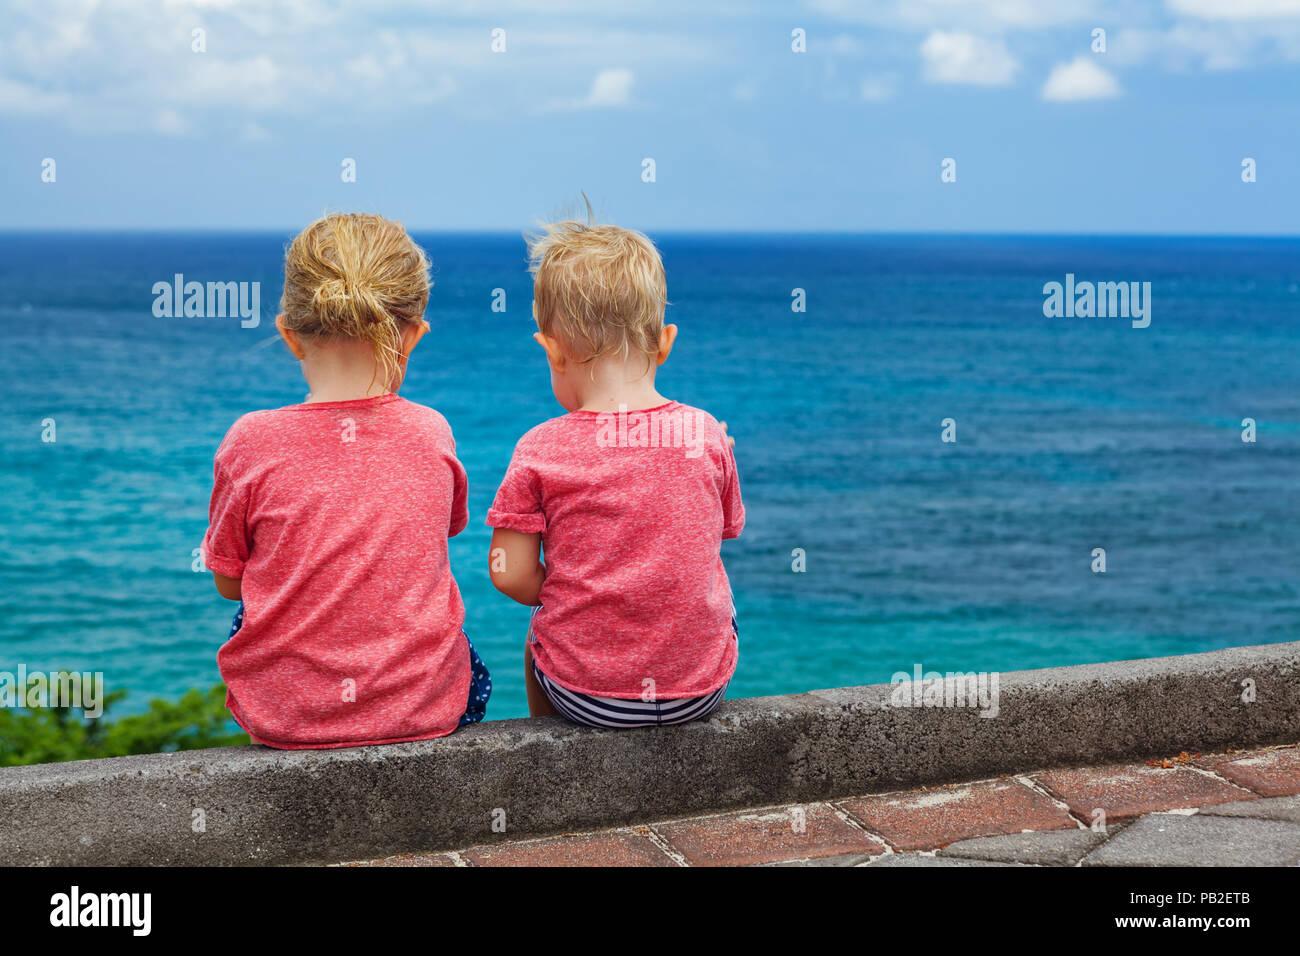 Happy Kids haben Spaß am Strand spazieren. Paar Kinder sitzen auf einer Klippe, Talk, Blick auf Meer surfen und blauer Himmel. Reisen, Lifestyle, Outdoor Aktivitäten in f Stockbild